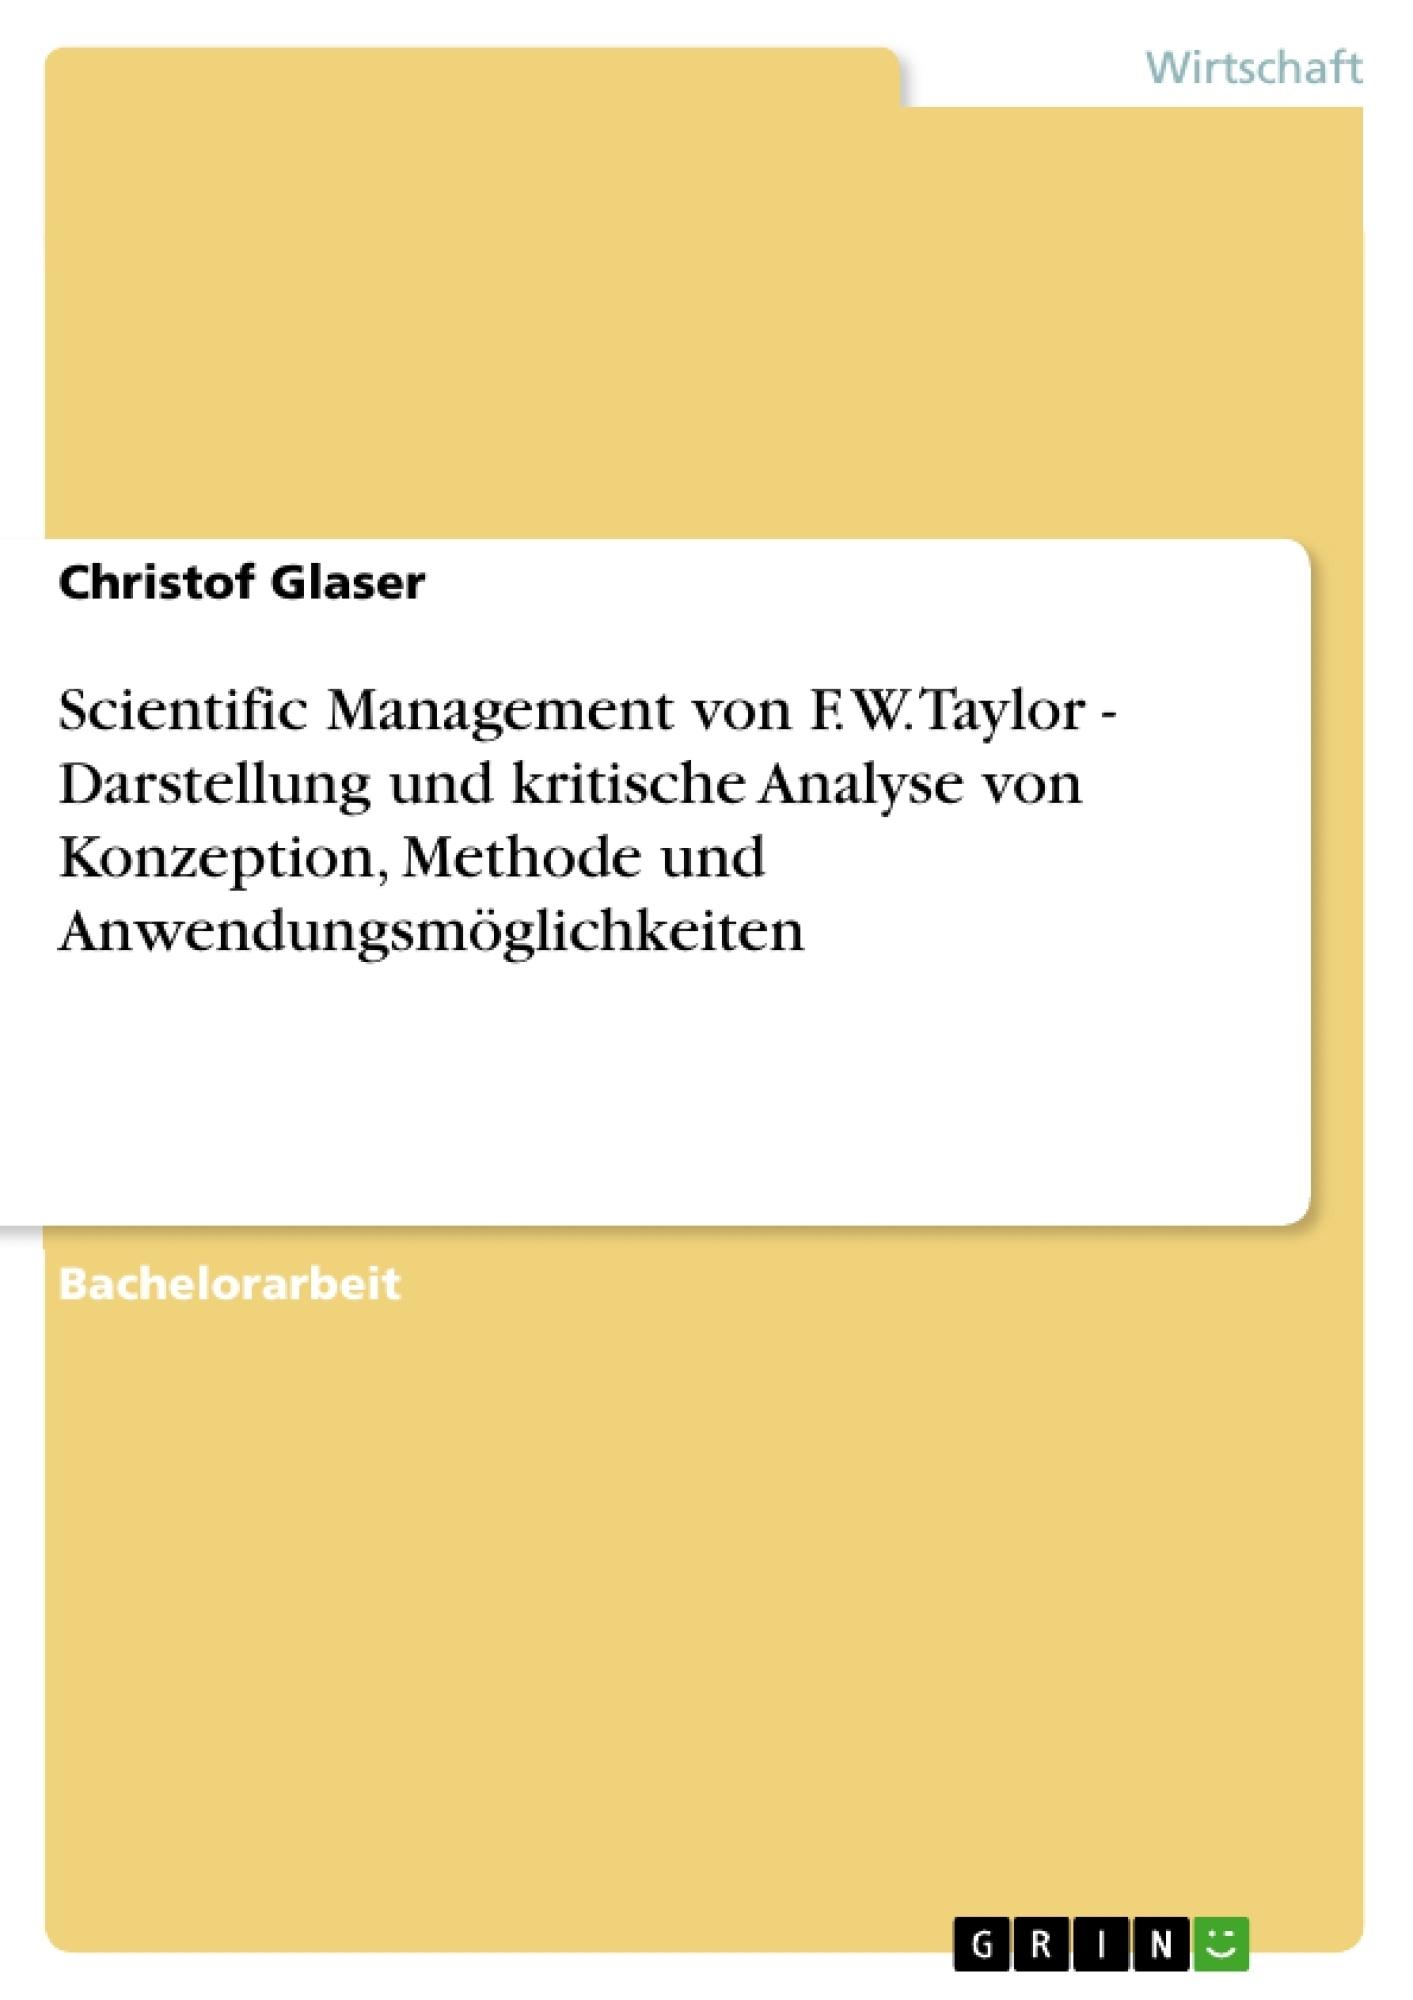 Titel: Scientific Management von F. W. Taylor - Darstellung und kritische Analyse von Konzeption, Methode und Anwendungsmöglichkeiten